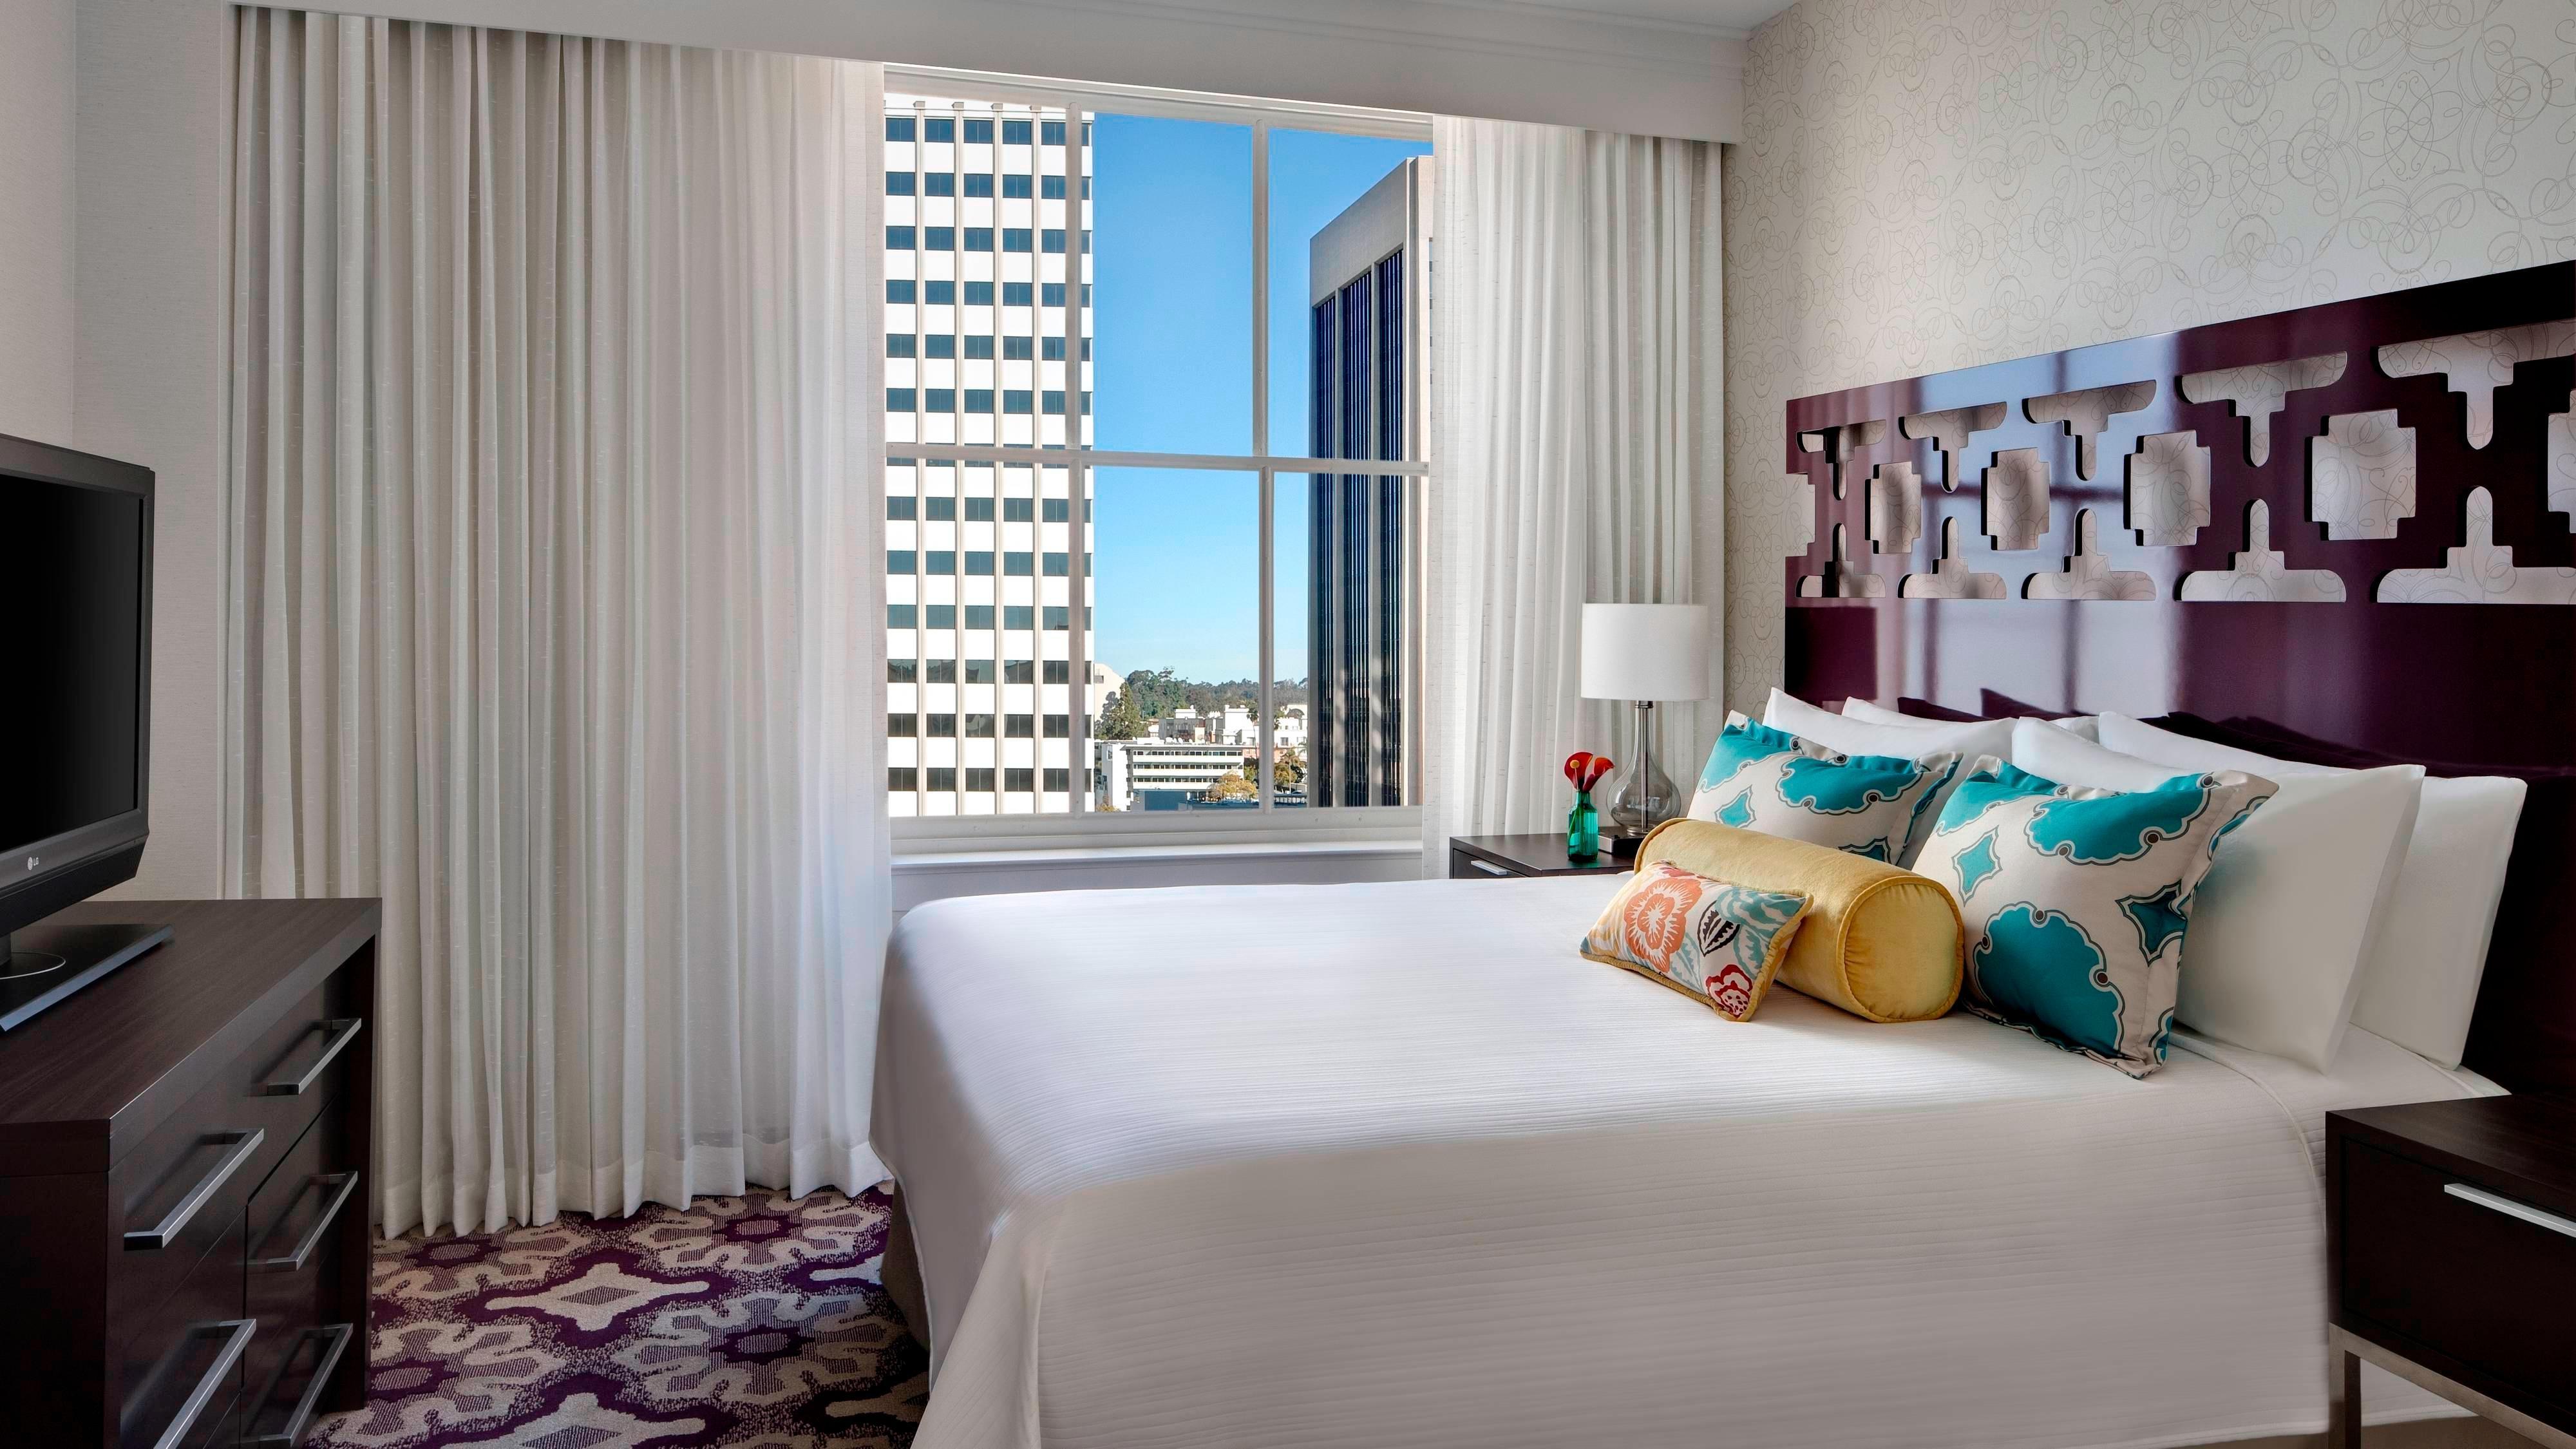 Suiten in der Innenstadt von San Diego